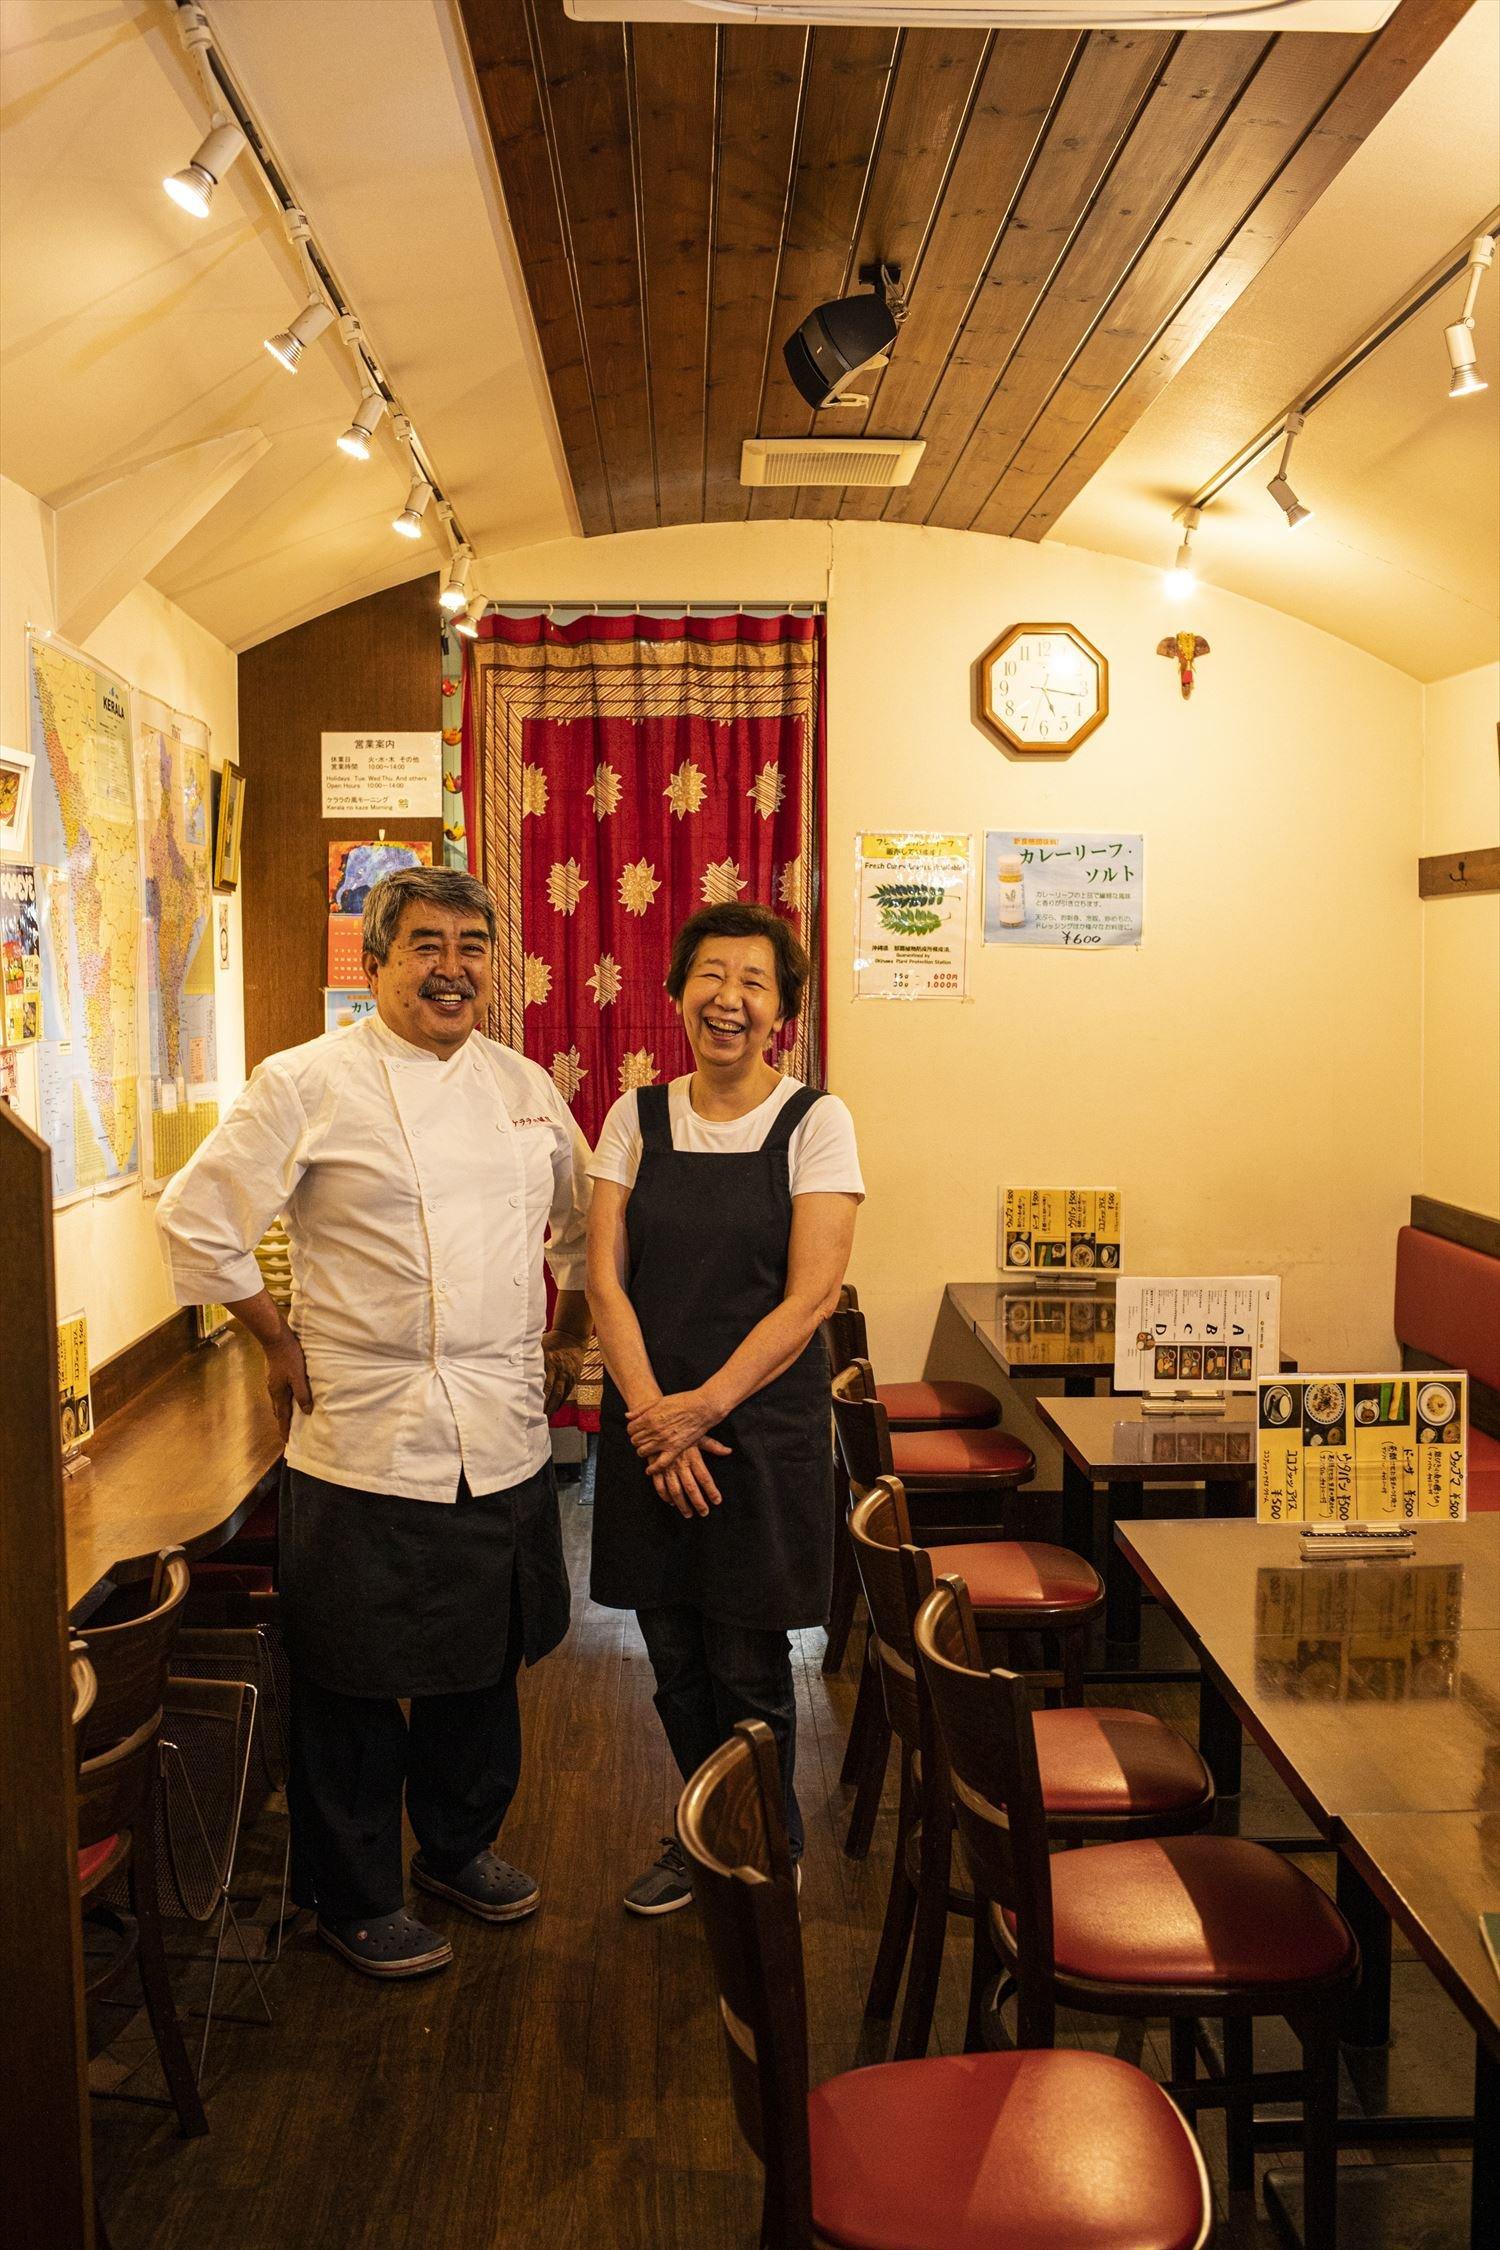 匡彦さんと妻・恵美子さん。「お茶を飲むだけでも大歓迎」と、にっこり。